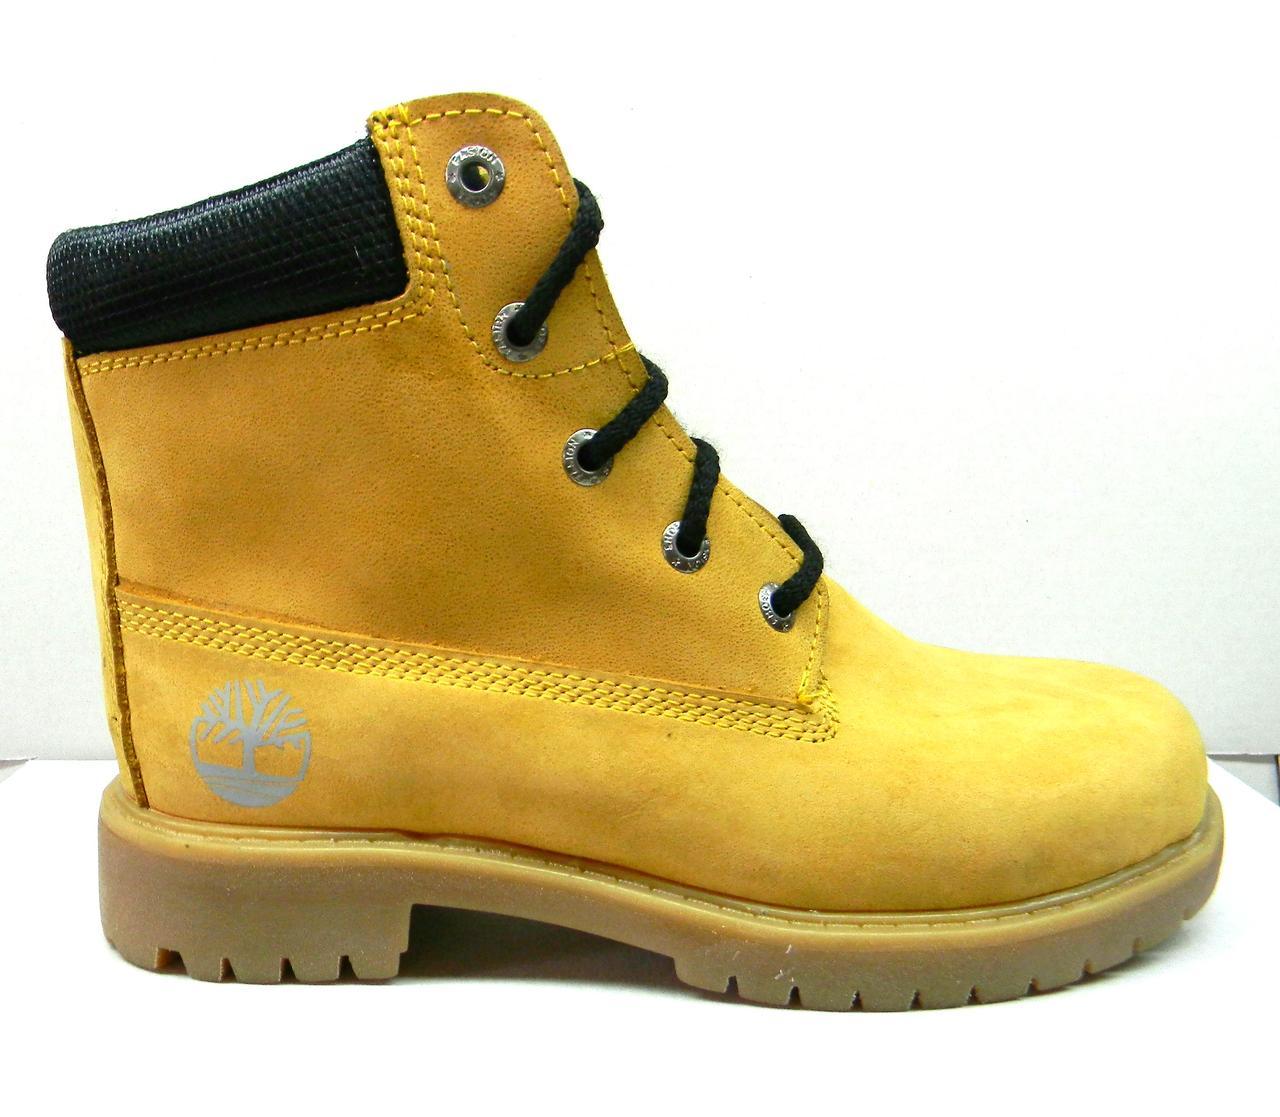 Детские подростковые зимние ботинки Timberland опт - Обувный магазин